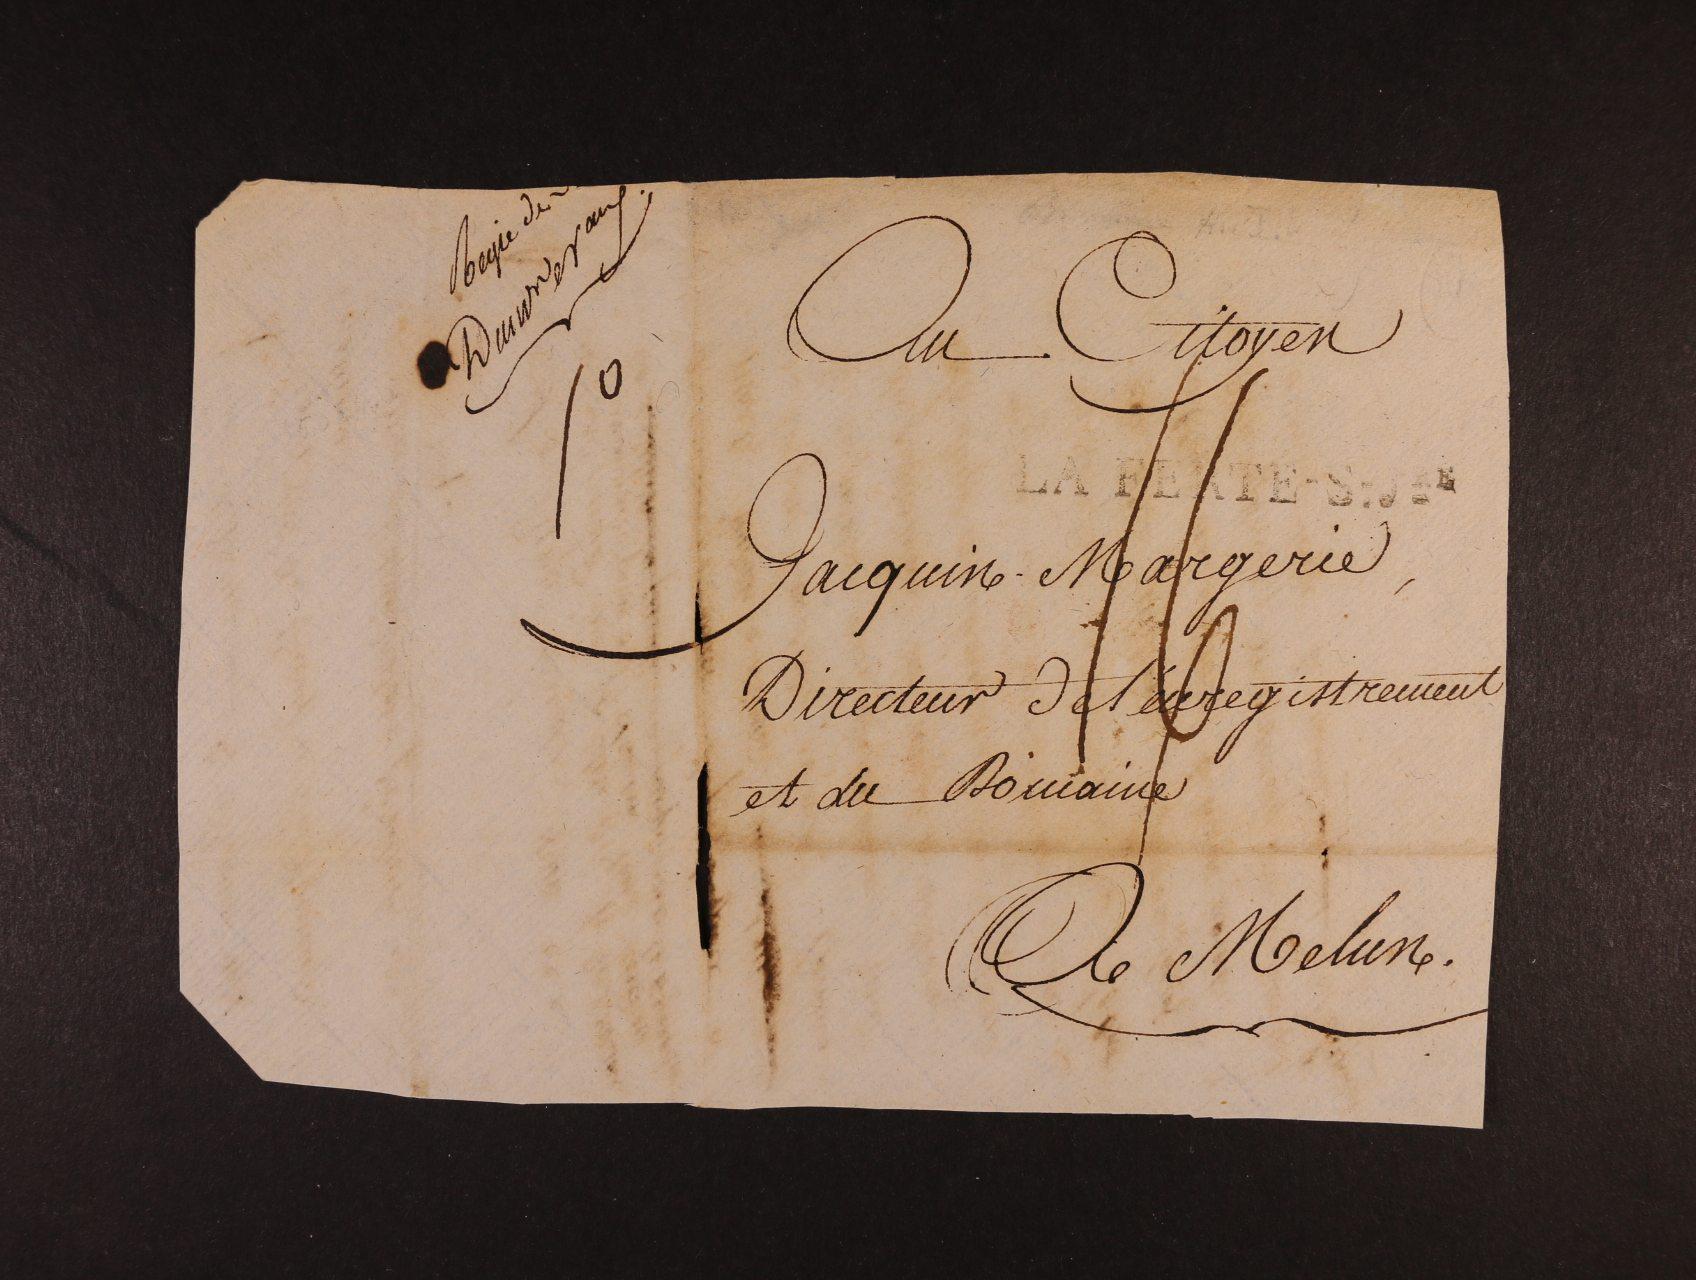 skl. dopis z r. 1799 z období franc. revoluce, dtování dle revolučního kalendáře MELUN LE 8 BRUMAIRE AN 8 = 29.10.1799, ruční vyznačení poštovného v nové měně (1F = 100 CENTIMES), poštovné bylo odstupňováno po 10ti Centimech (= 1 DÉCIME), vyznačeno 16 DÉCIME, tj. 1,60F